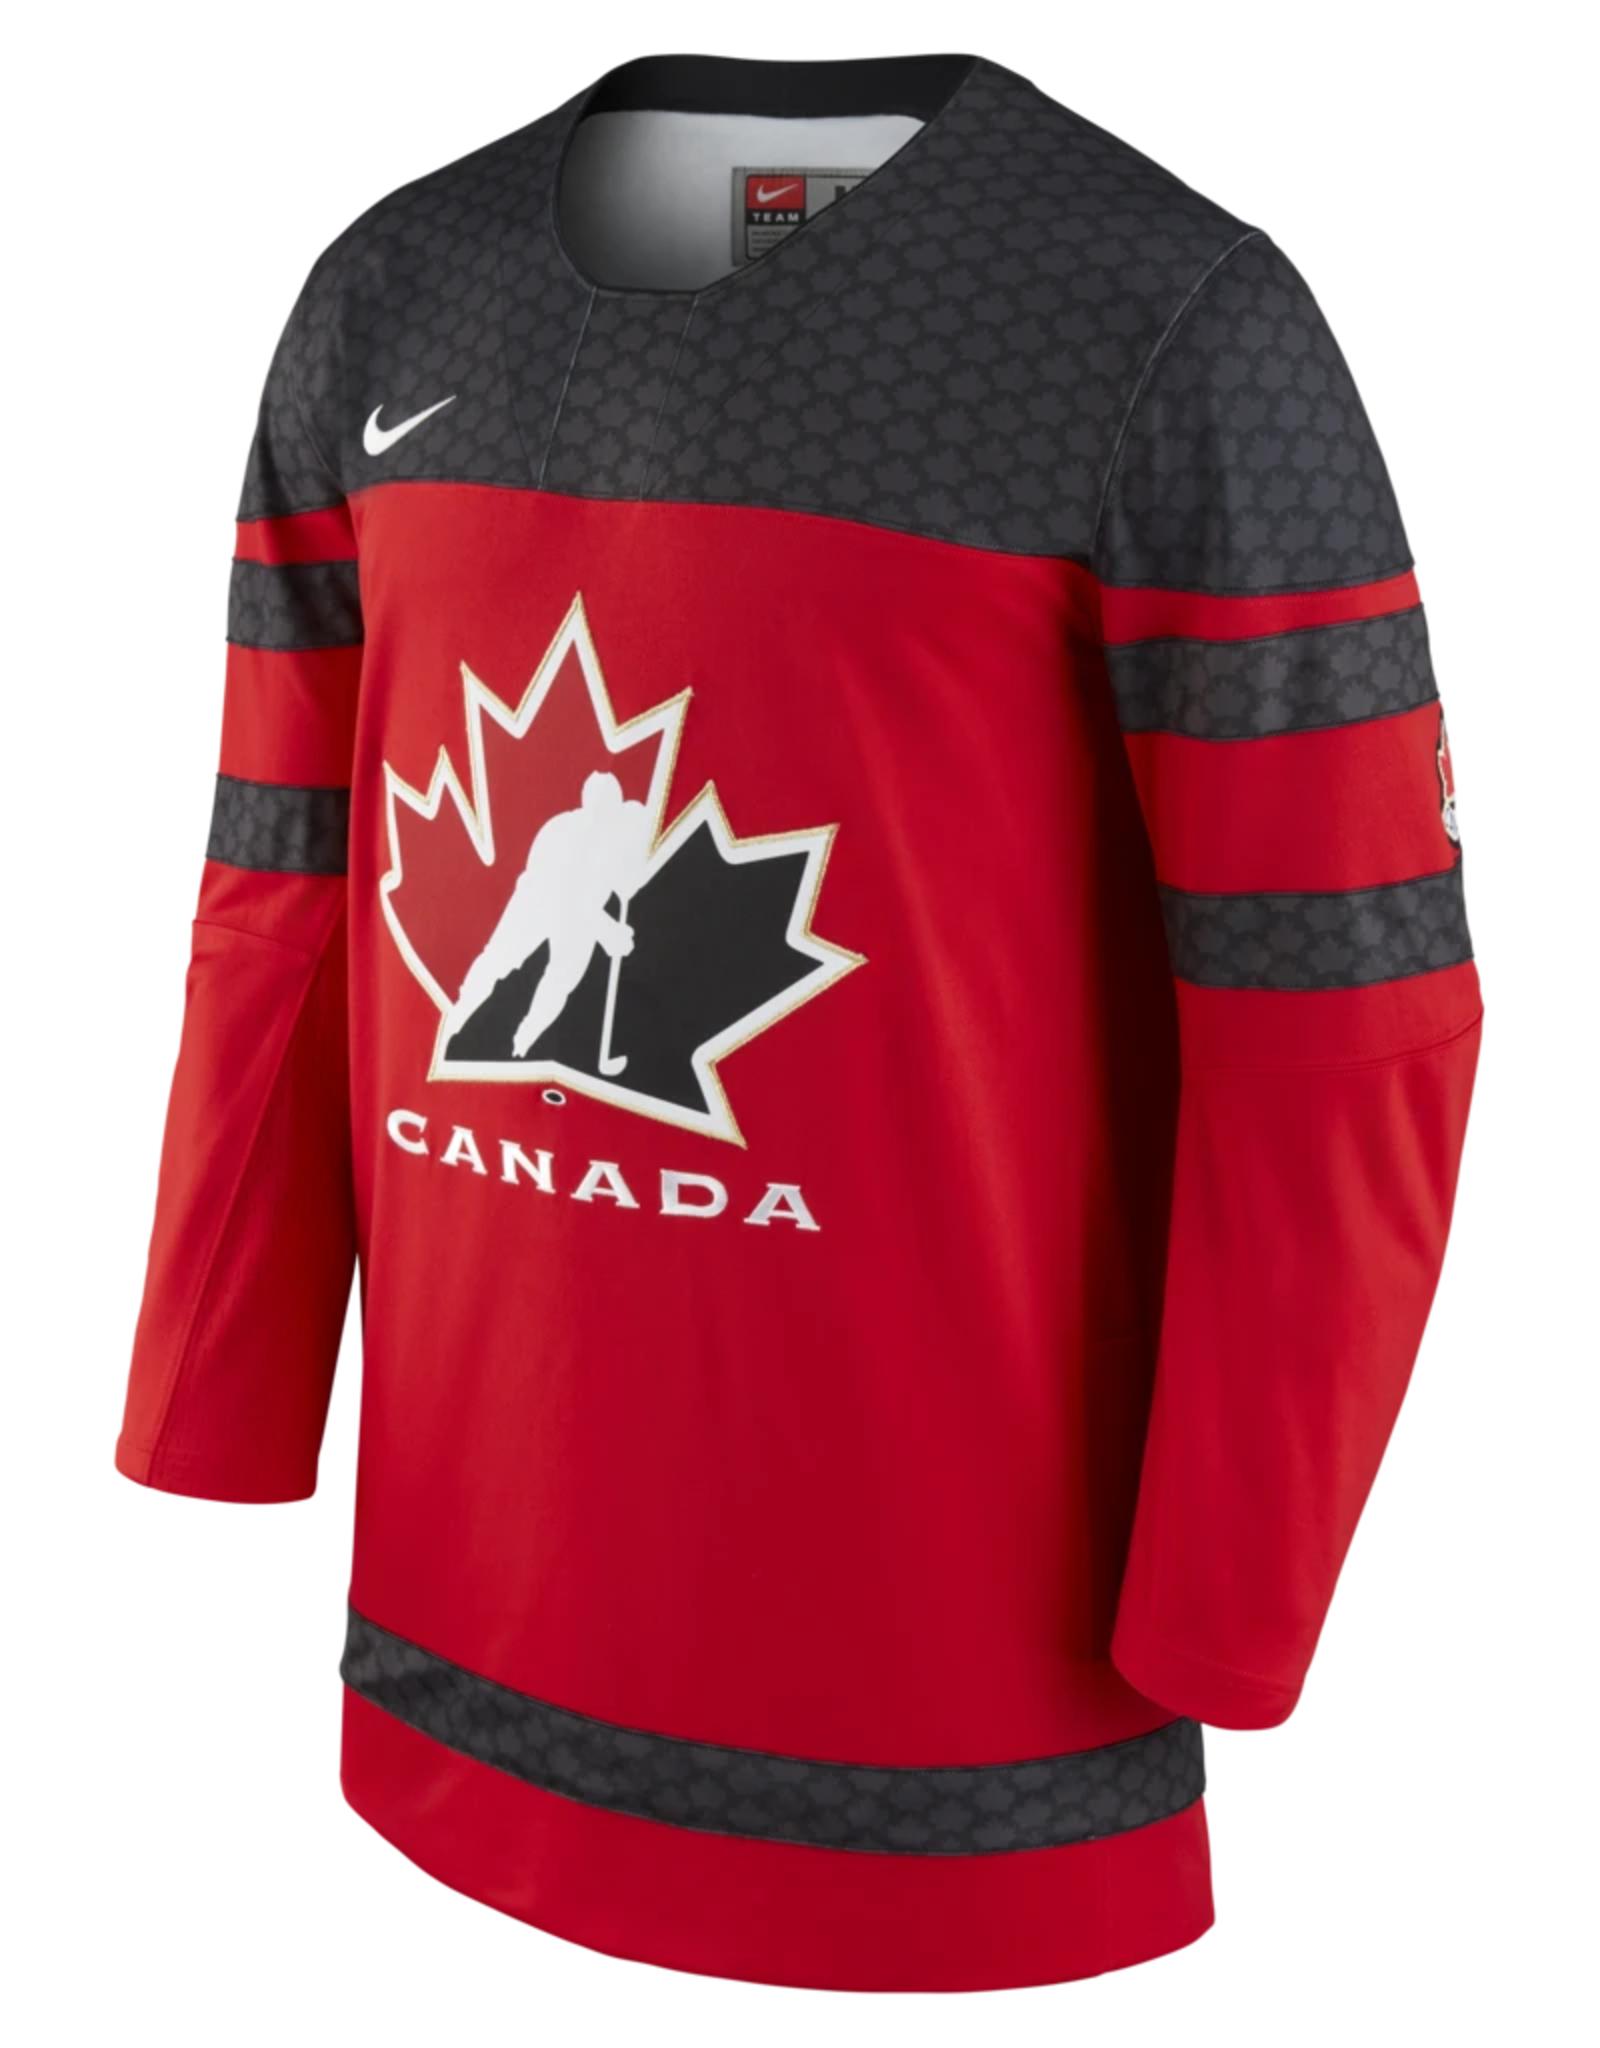 Nike Team Canada Men's Replica Jersey Red